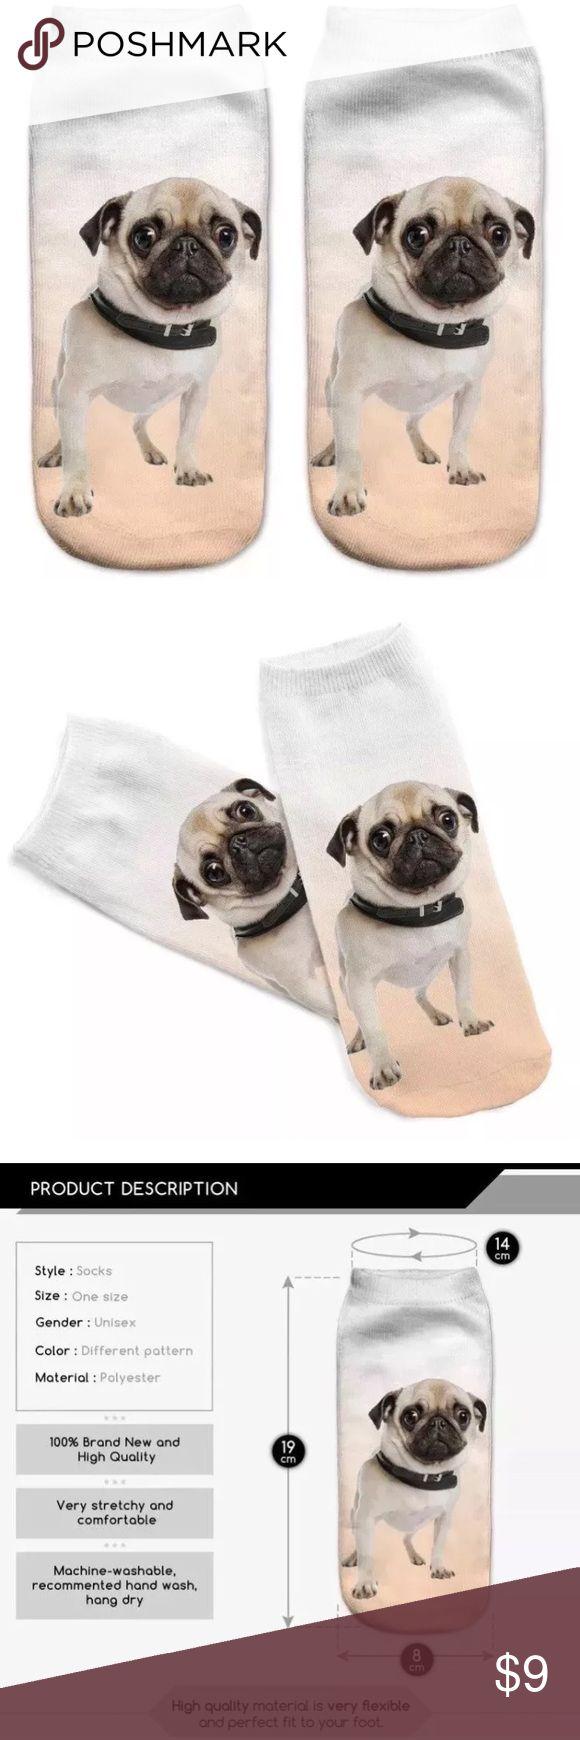 Pug Socks One size cute ankle pug socks BIN# AE Other